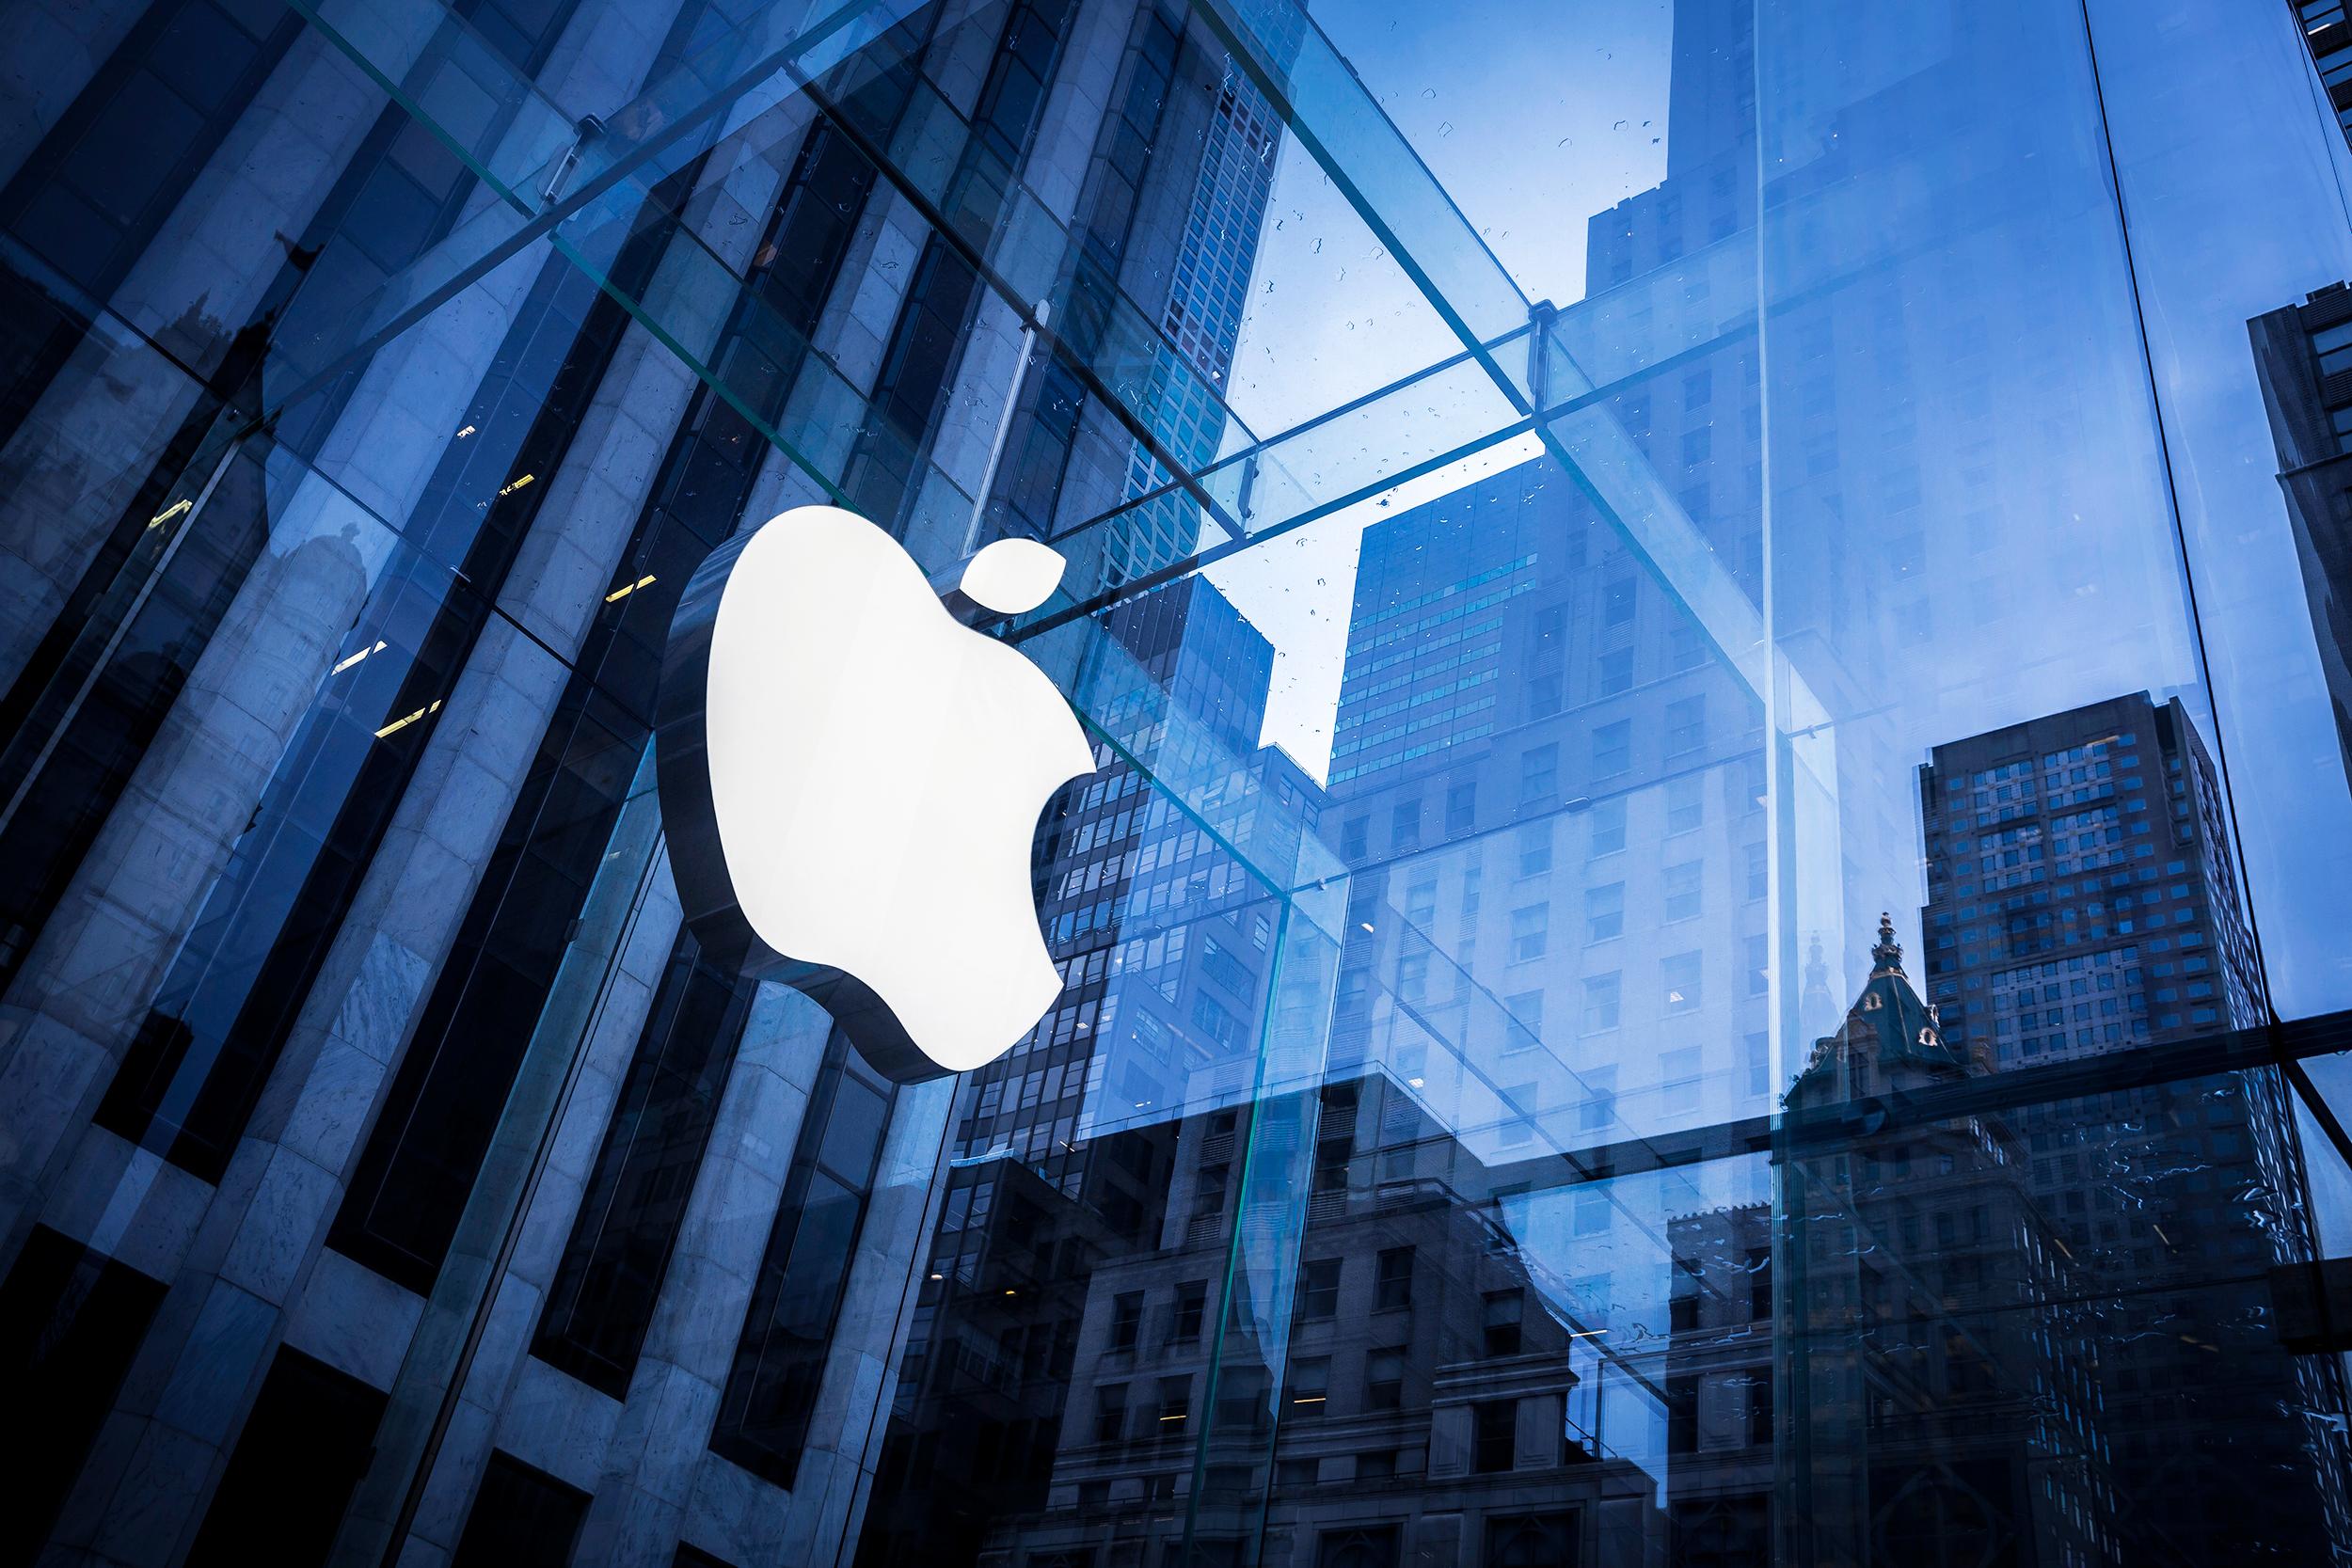 Apple có thể sản xuất iPhone tại Mỹ, mức giá sẽ tăng gấp đôi